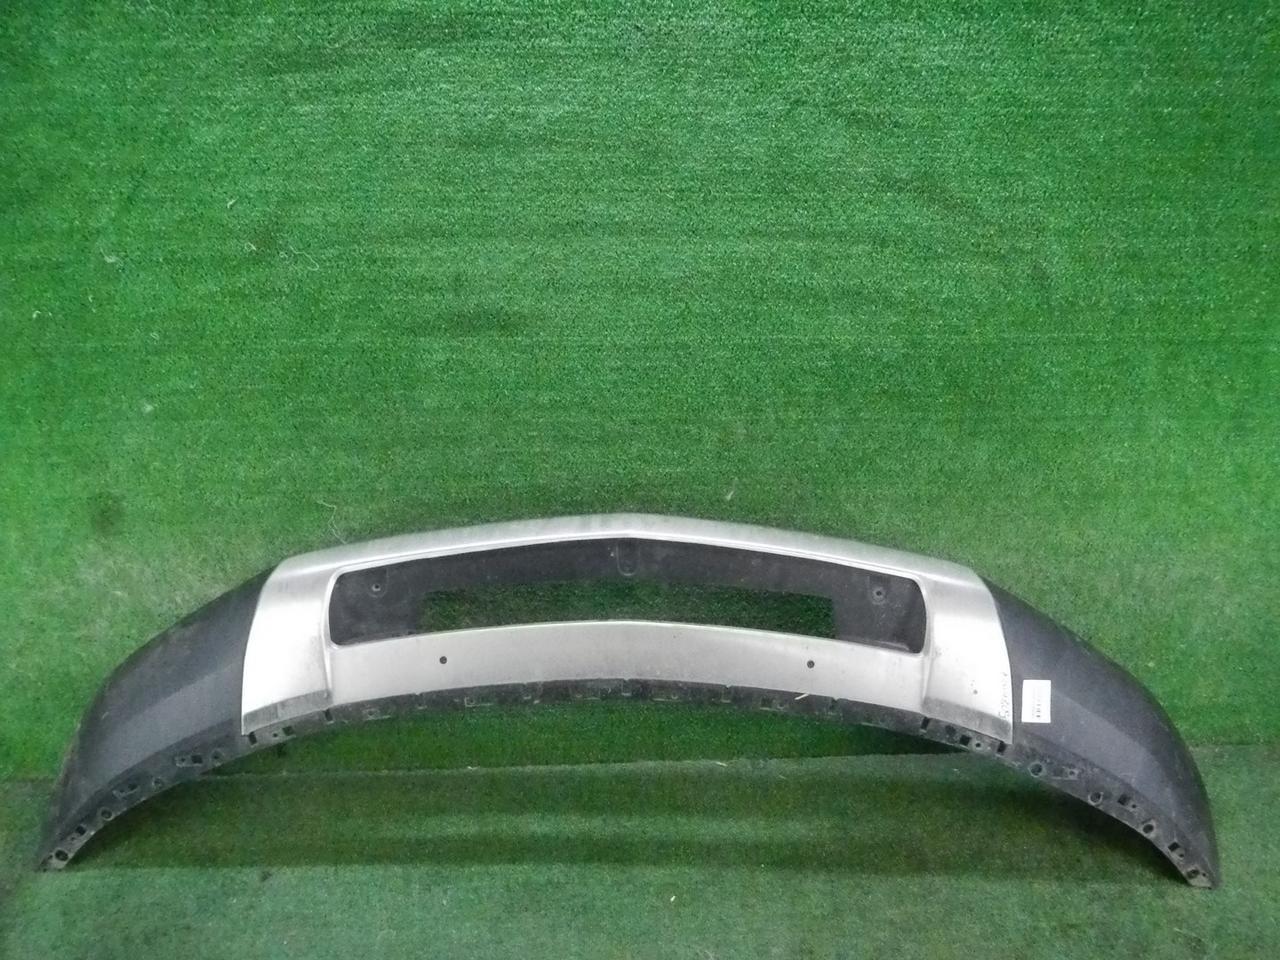 Юбка переднего бампера Cadilla